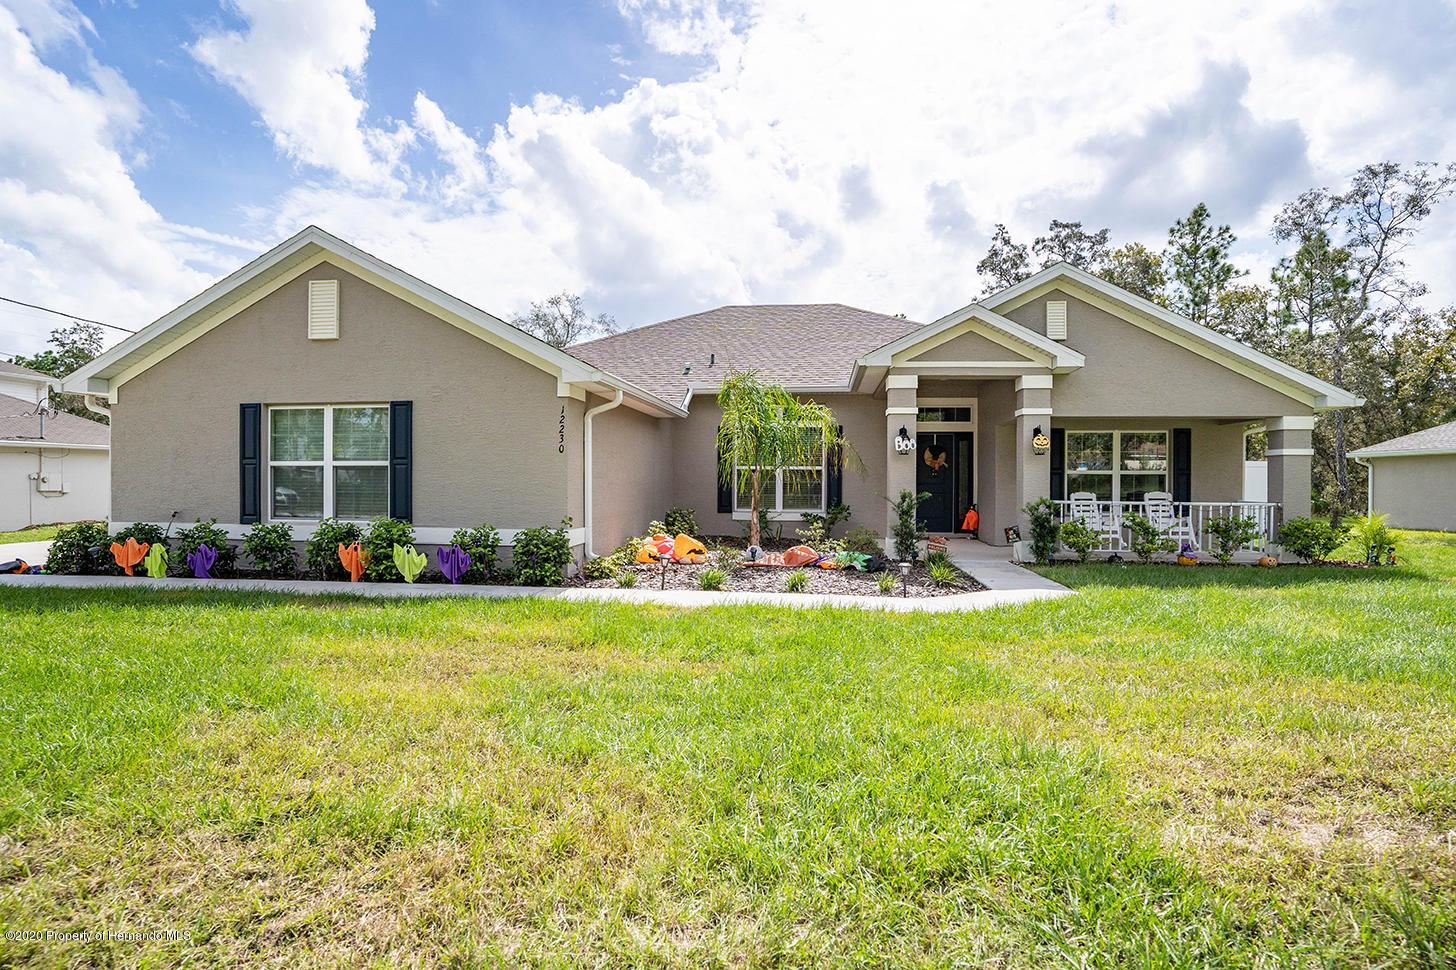 Details for 12230 Pine Finch Avenue, Weeki Wachee, FL 34614